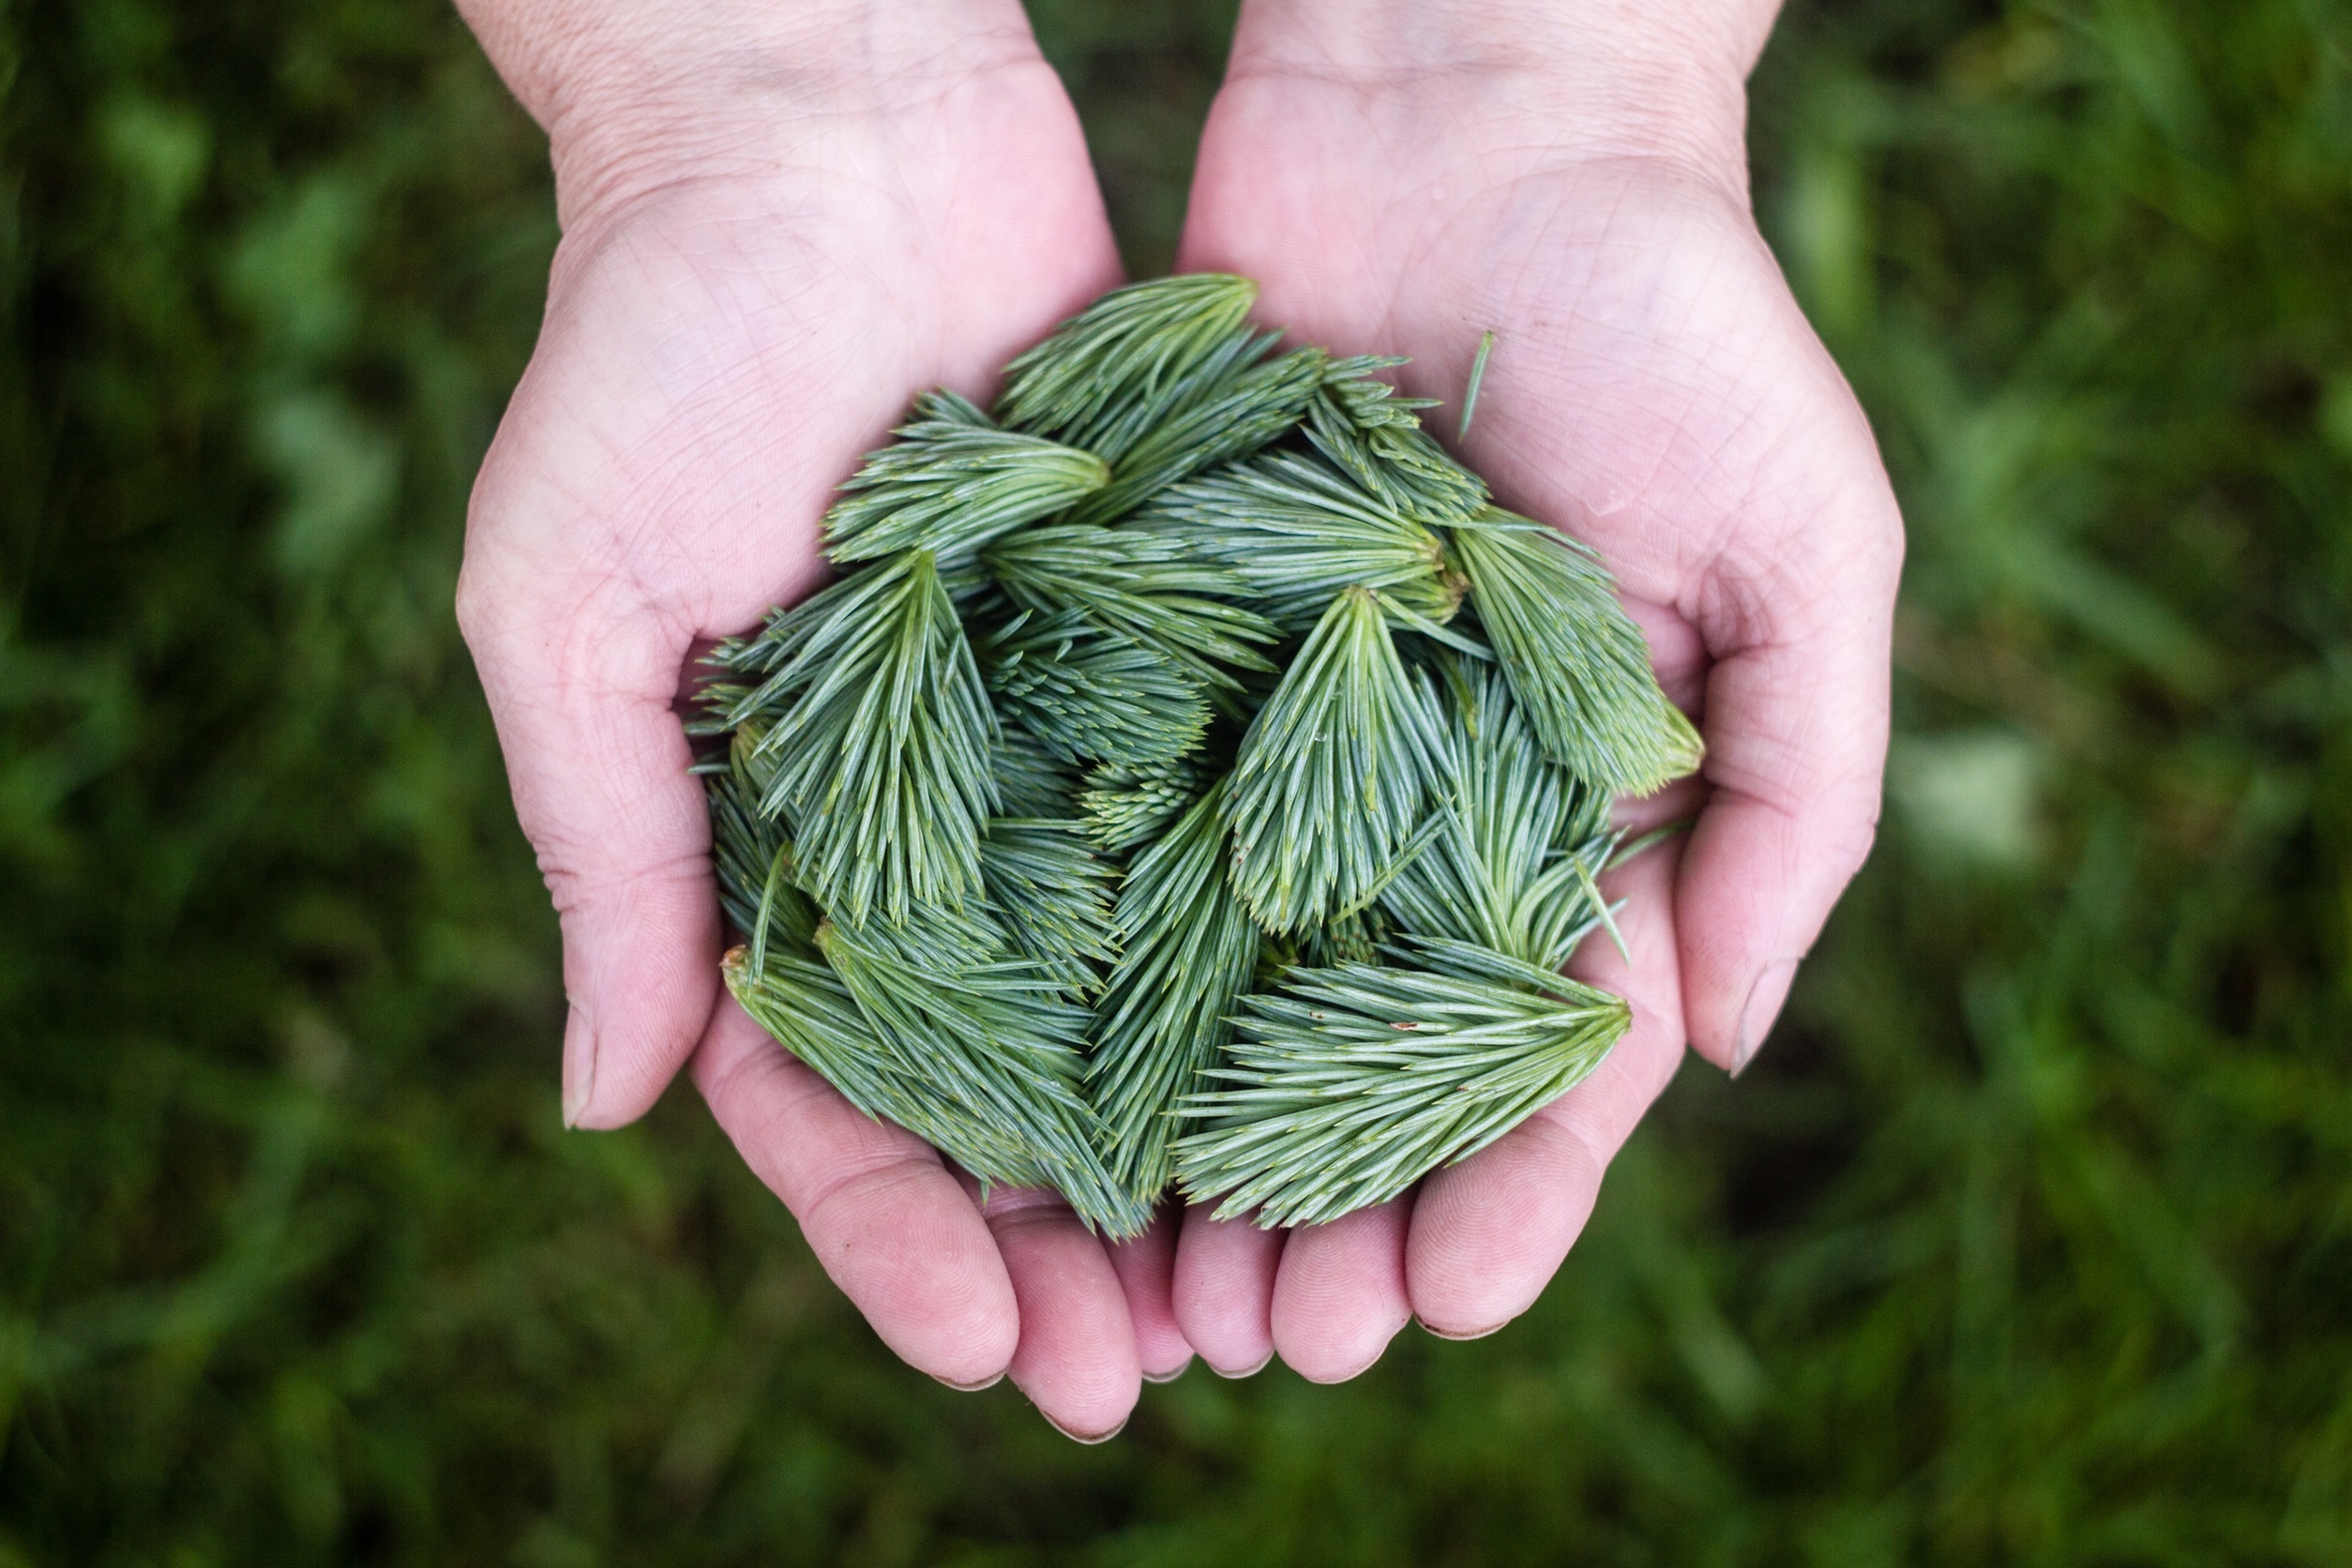 pine-leaves-691639